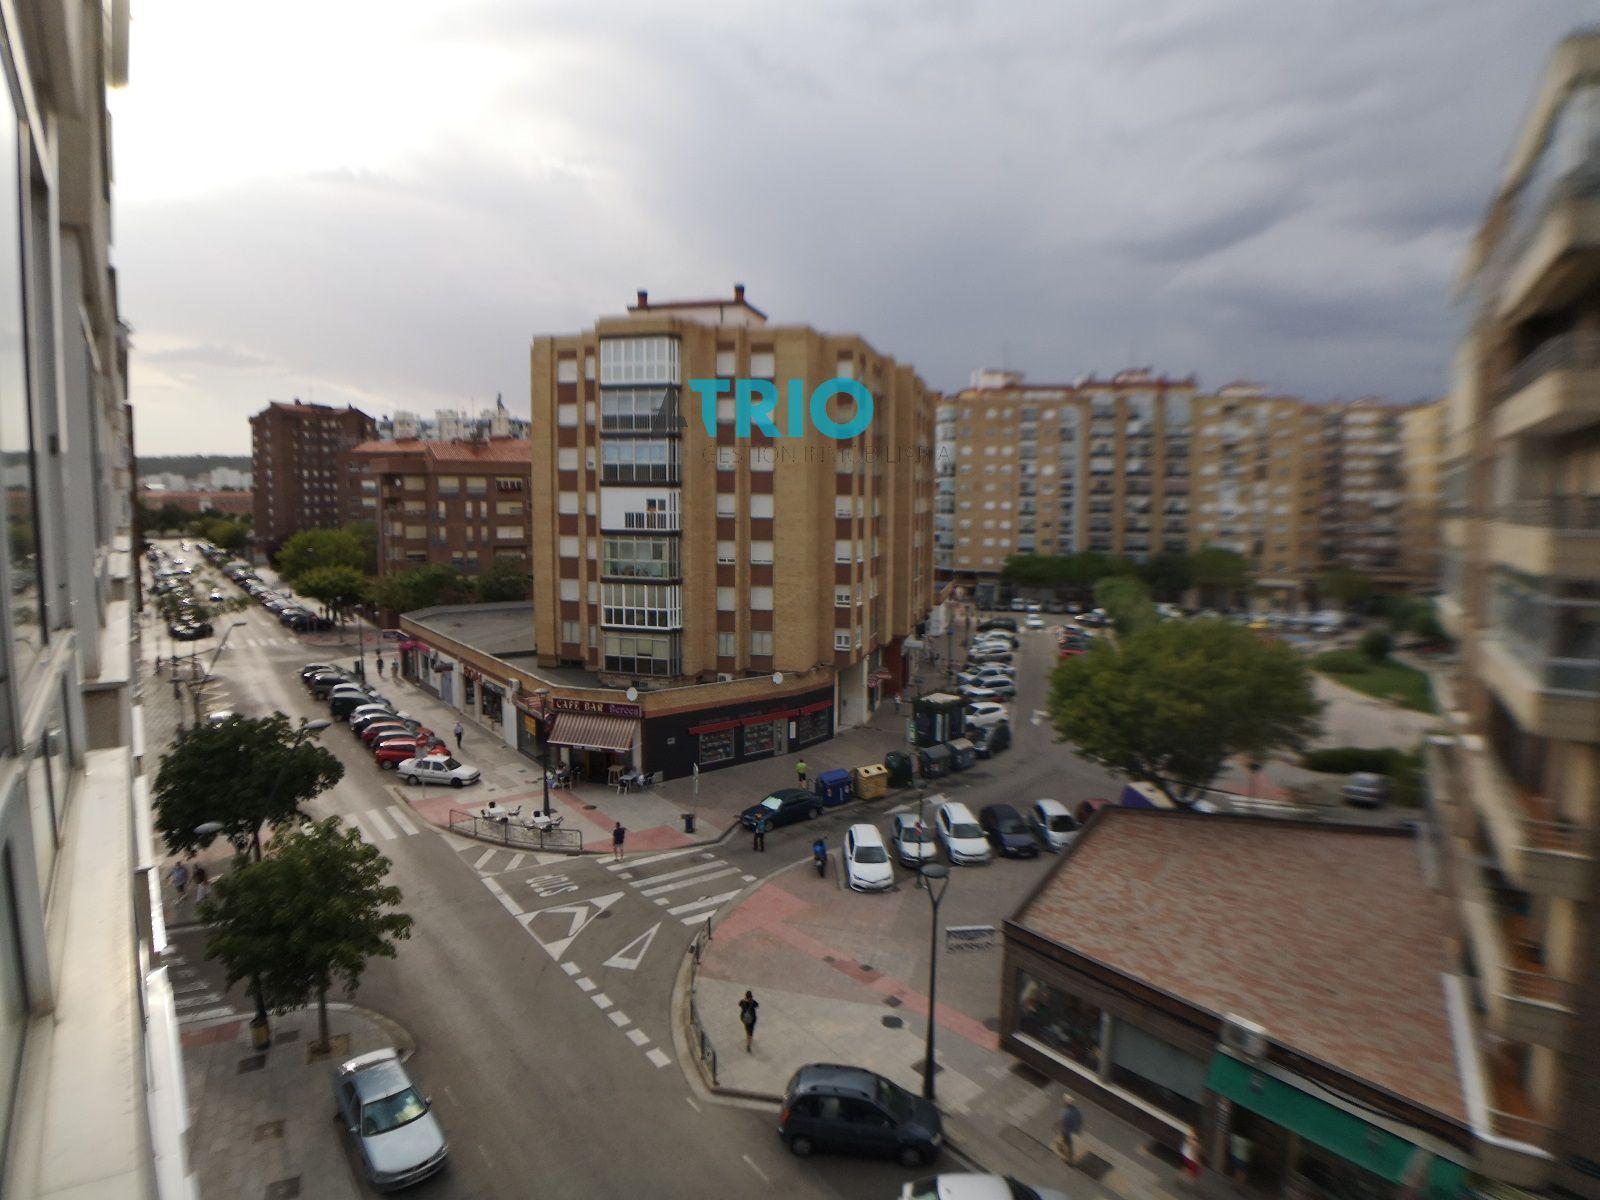 dia.mobiliagestion.es/Portals/inmoatrio/Images/6789/5035105